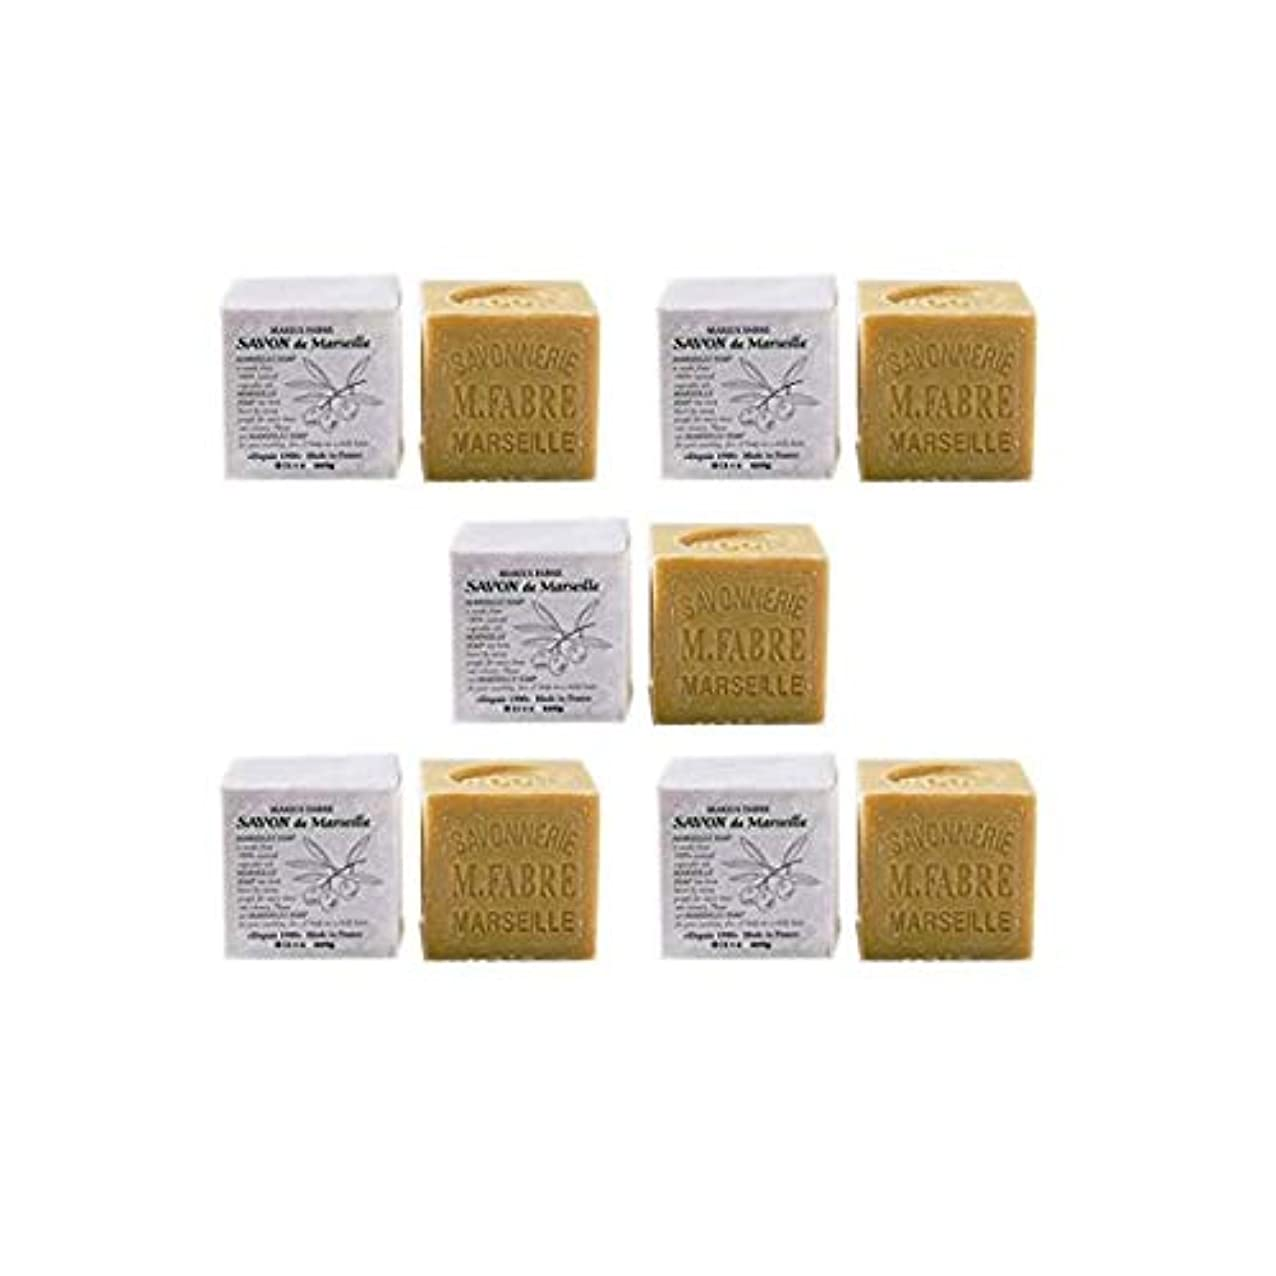 怠なエロチック場所マリウスファーブルジューン サボンドマルセイユ無香料200gオリーブN 5個セット(200g×5個)無添加オリーブ石鹸